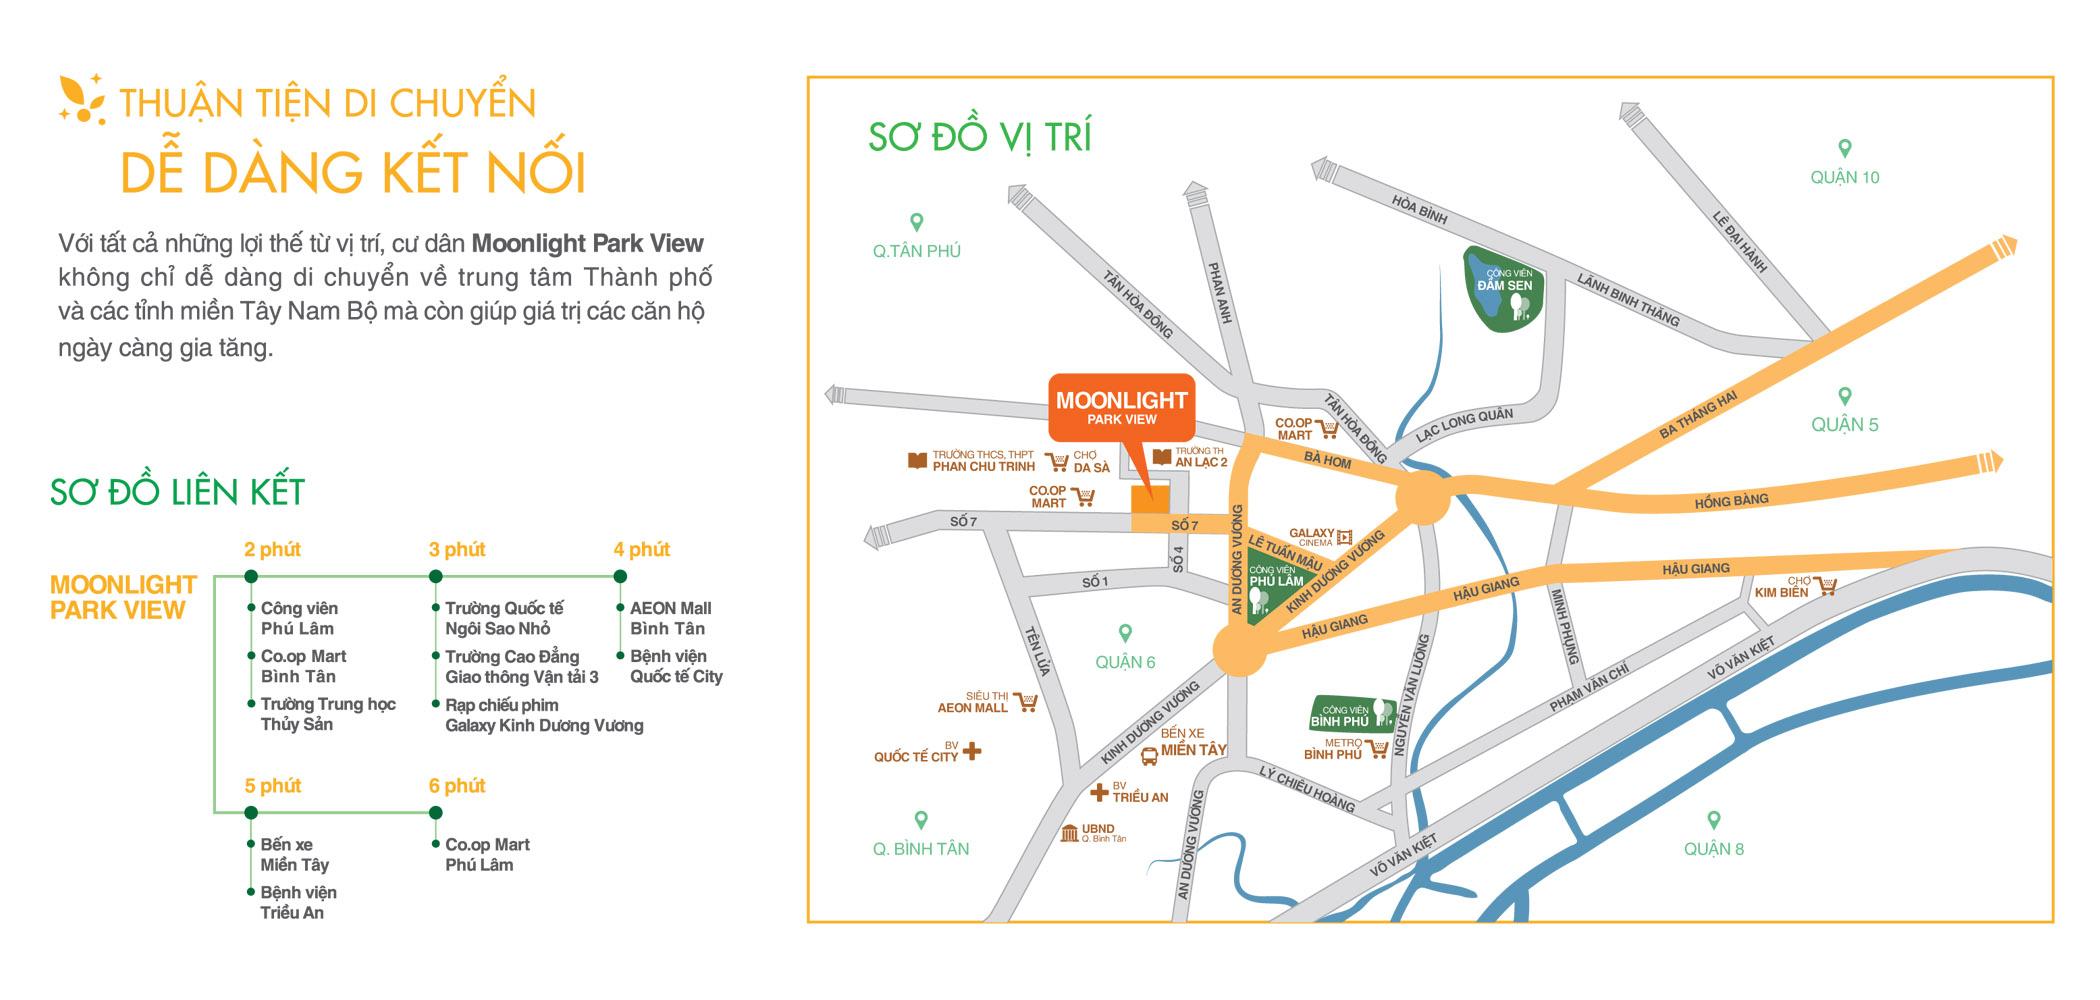 Nằm ngay trung tâm 3 quận: Bình Tân, quận 6, quận 8, Căn hộ Moonlight Park View được xem là có vị trí đắc địa hàng đầu khu Tây thành phố Hồ Chí Minh